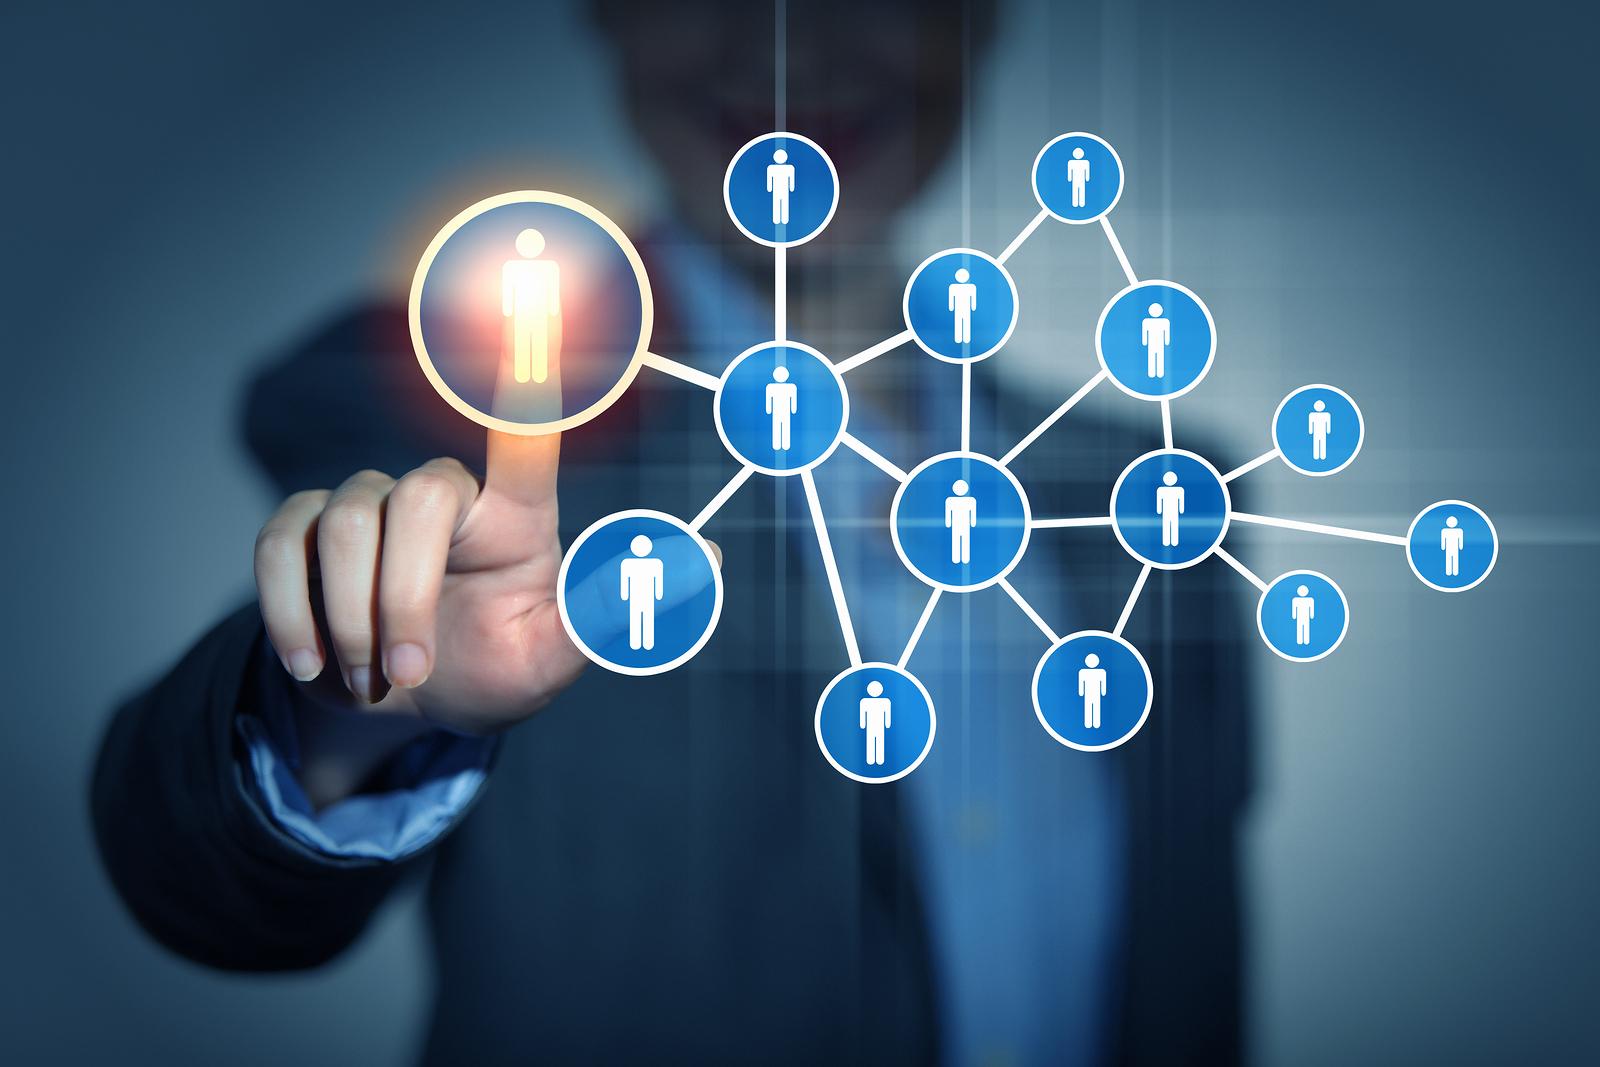 Networking hiệu quả với những bí quyết sau